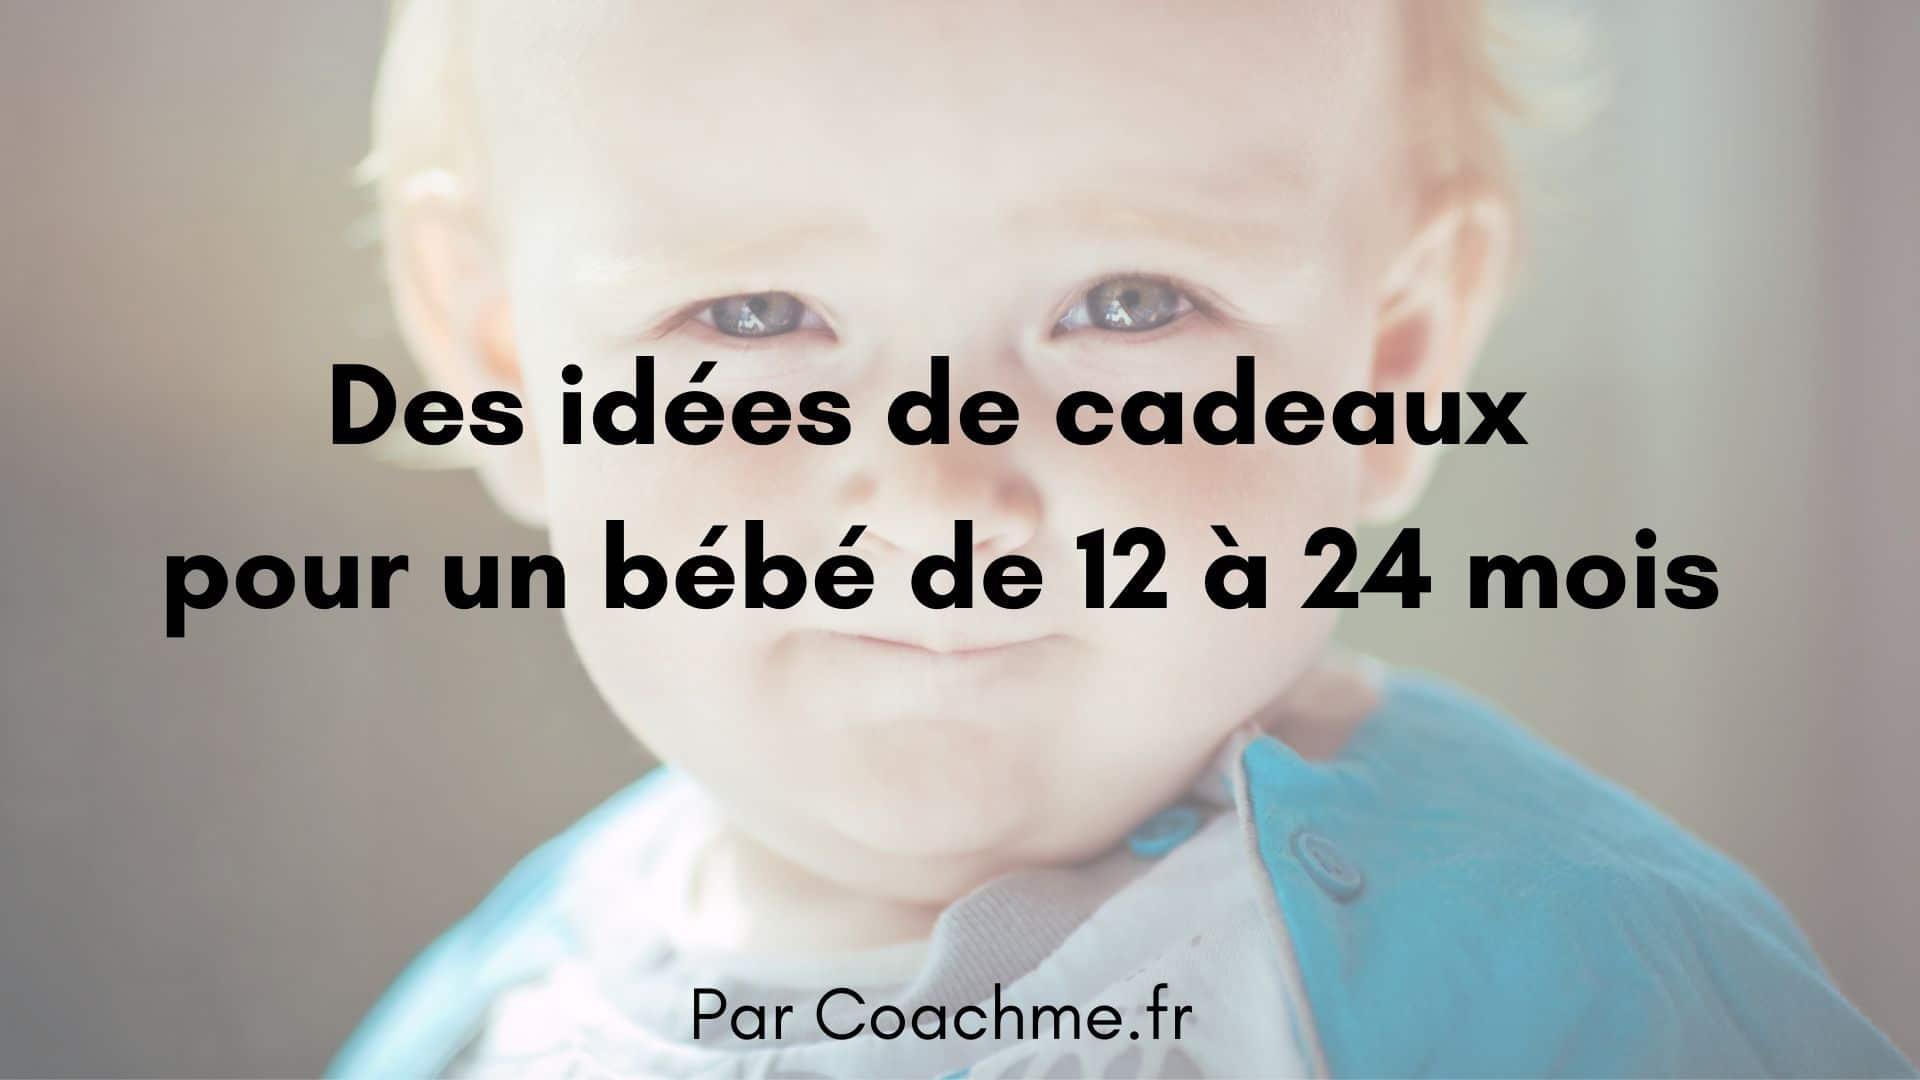 Des idées de cadeaux pour un bébé de 12 à 24 mois